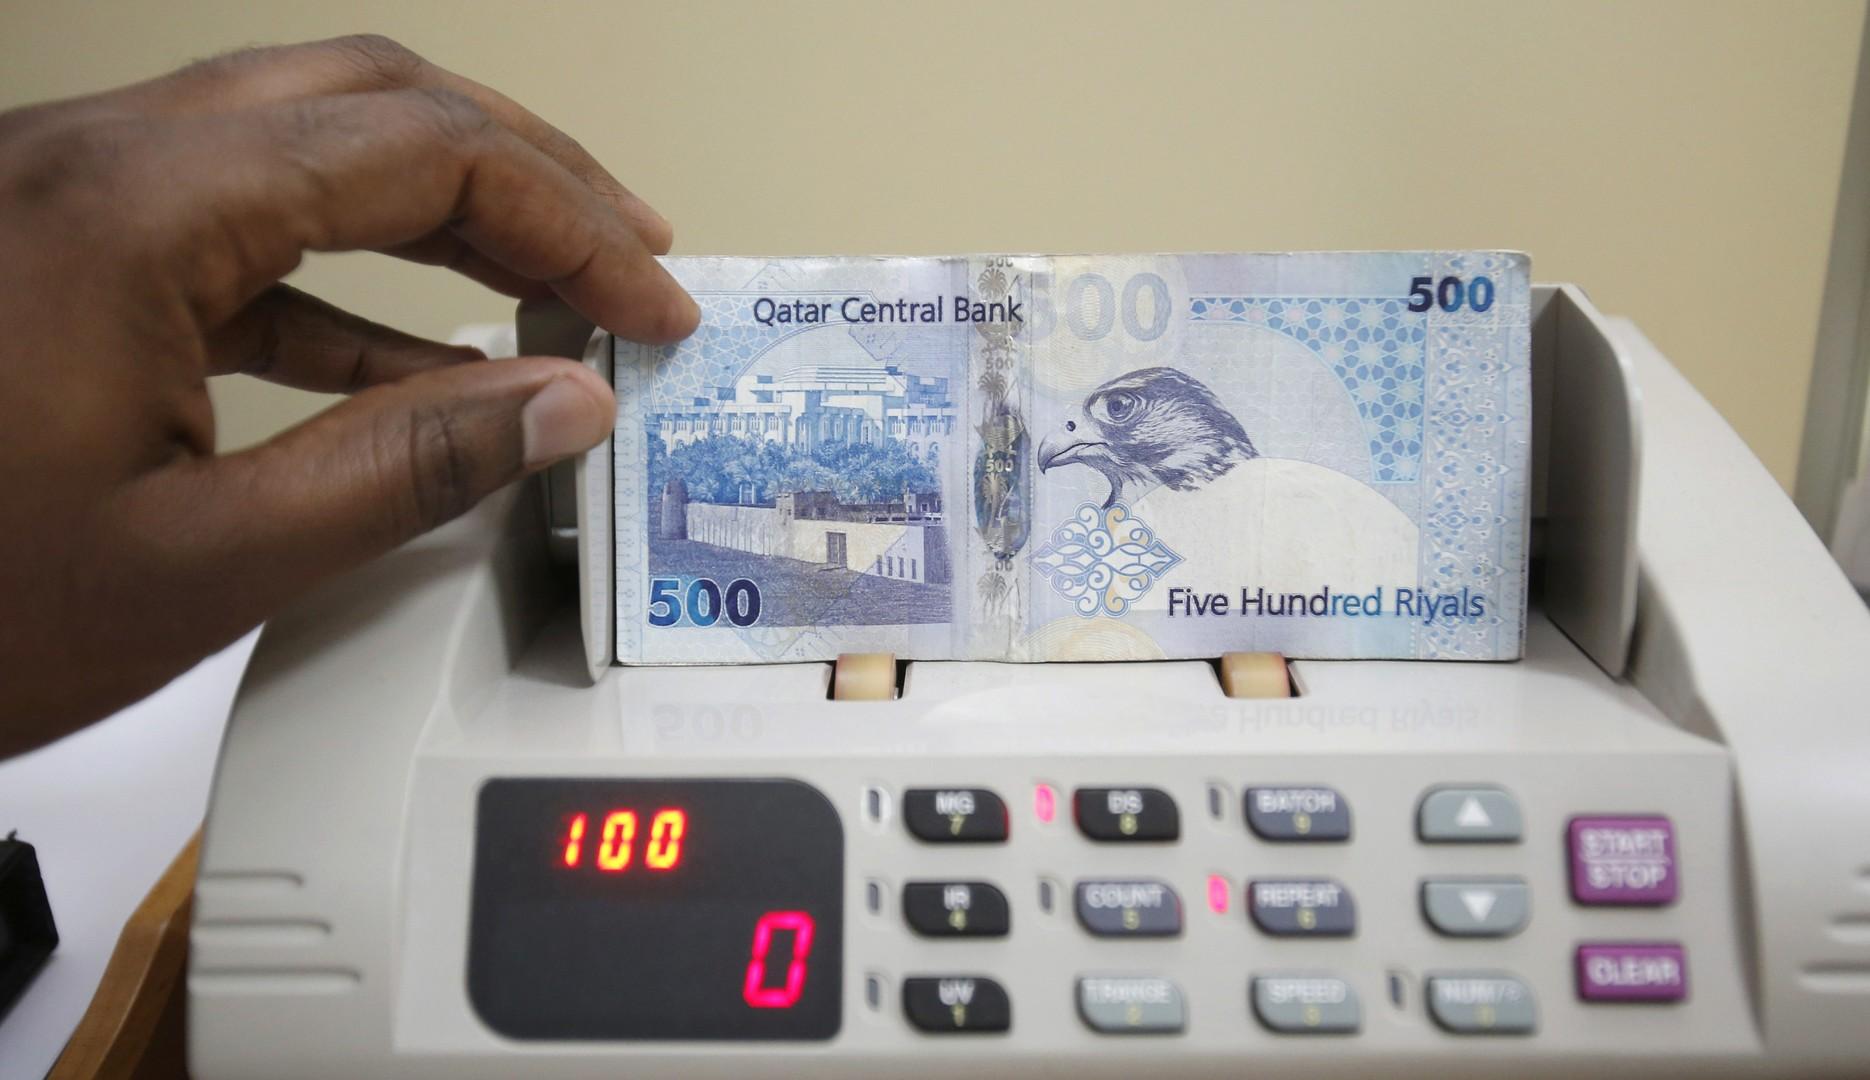 قطر تضخ 3 مليارات دولار في الاقتصاد الباكستاني